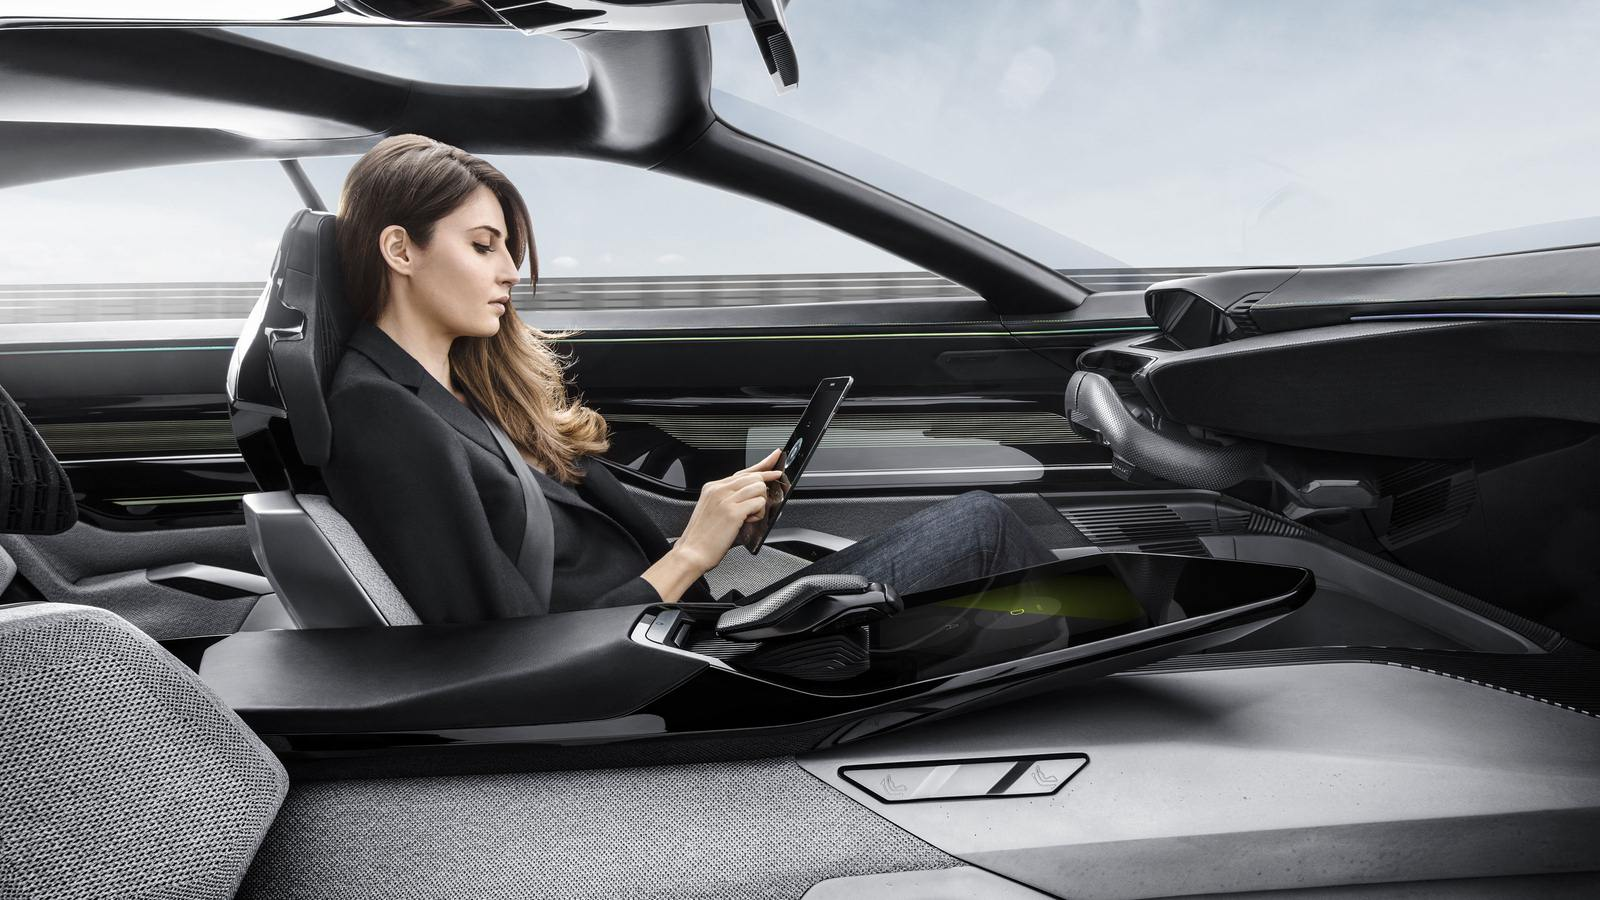 2017-Peugeot-Instinct-Concept-Interior-06